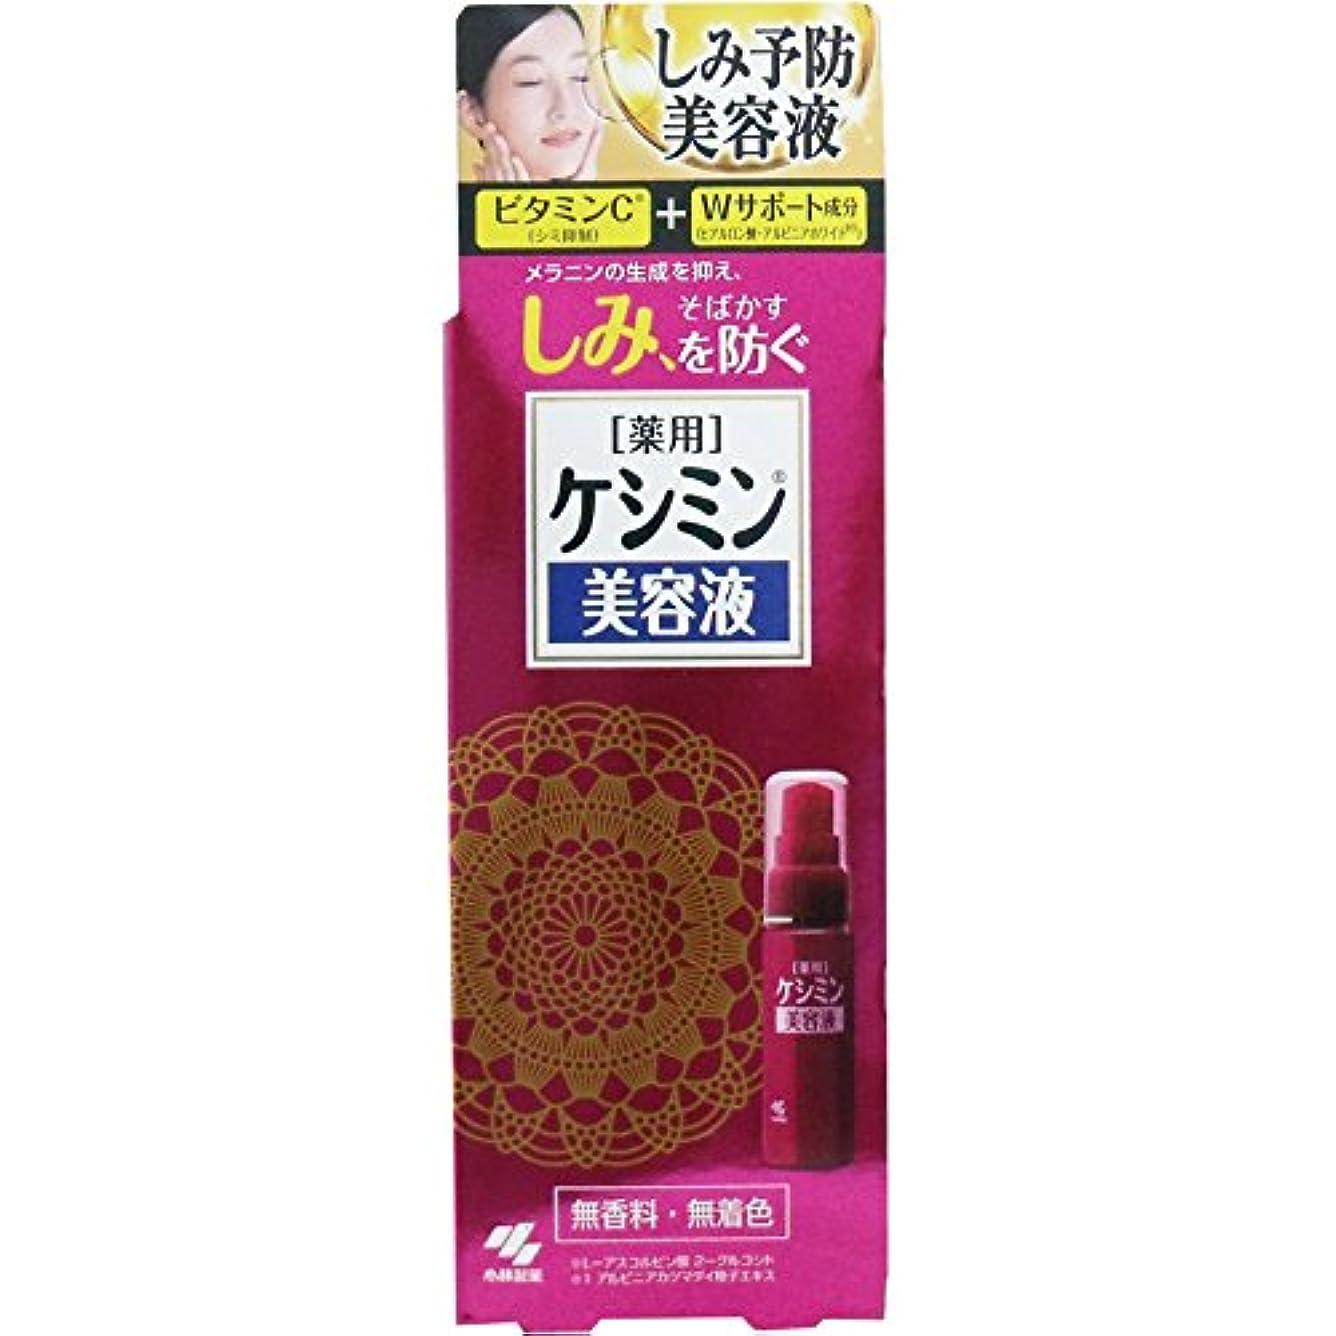 ネイティブに渡ってペチュランスケシミン美容液 シミを防ぐ 30ml×6個